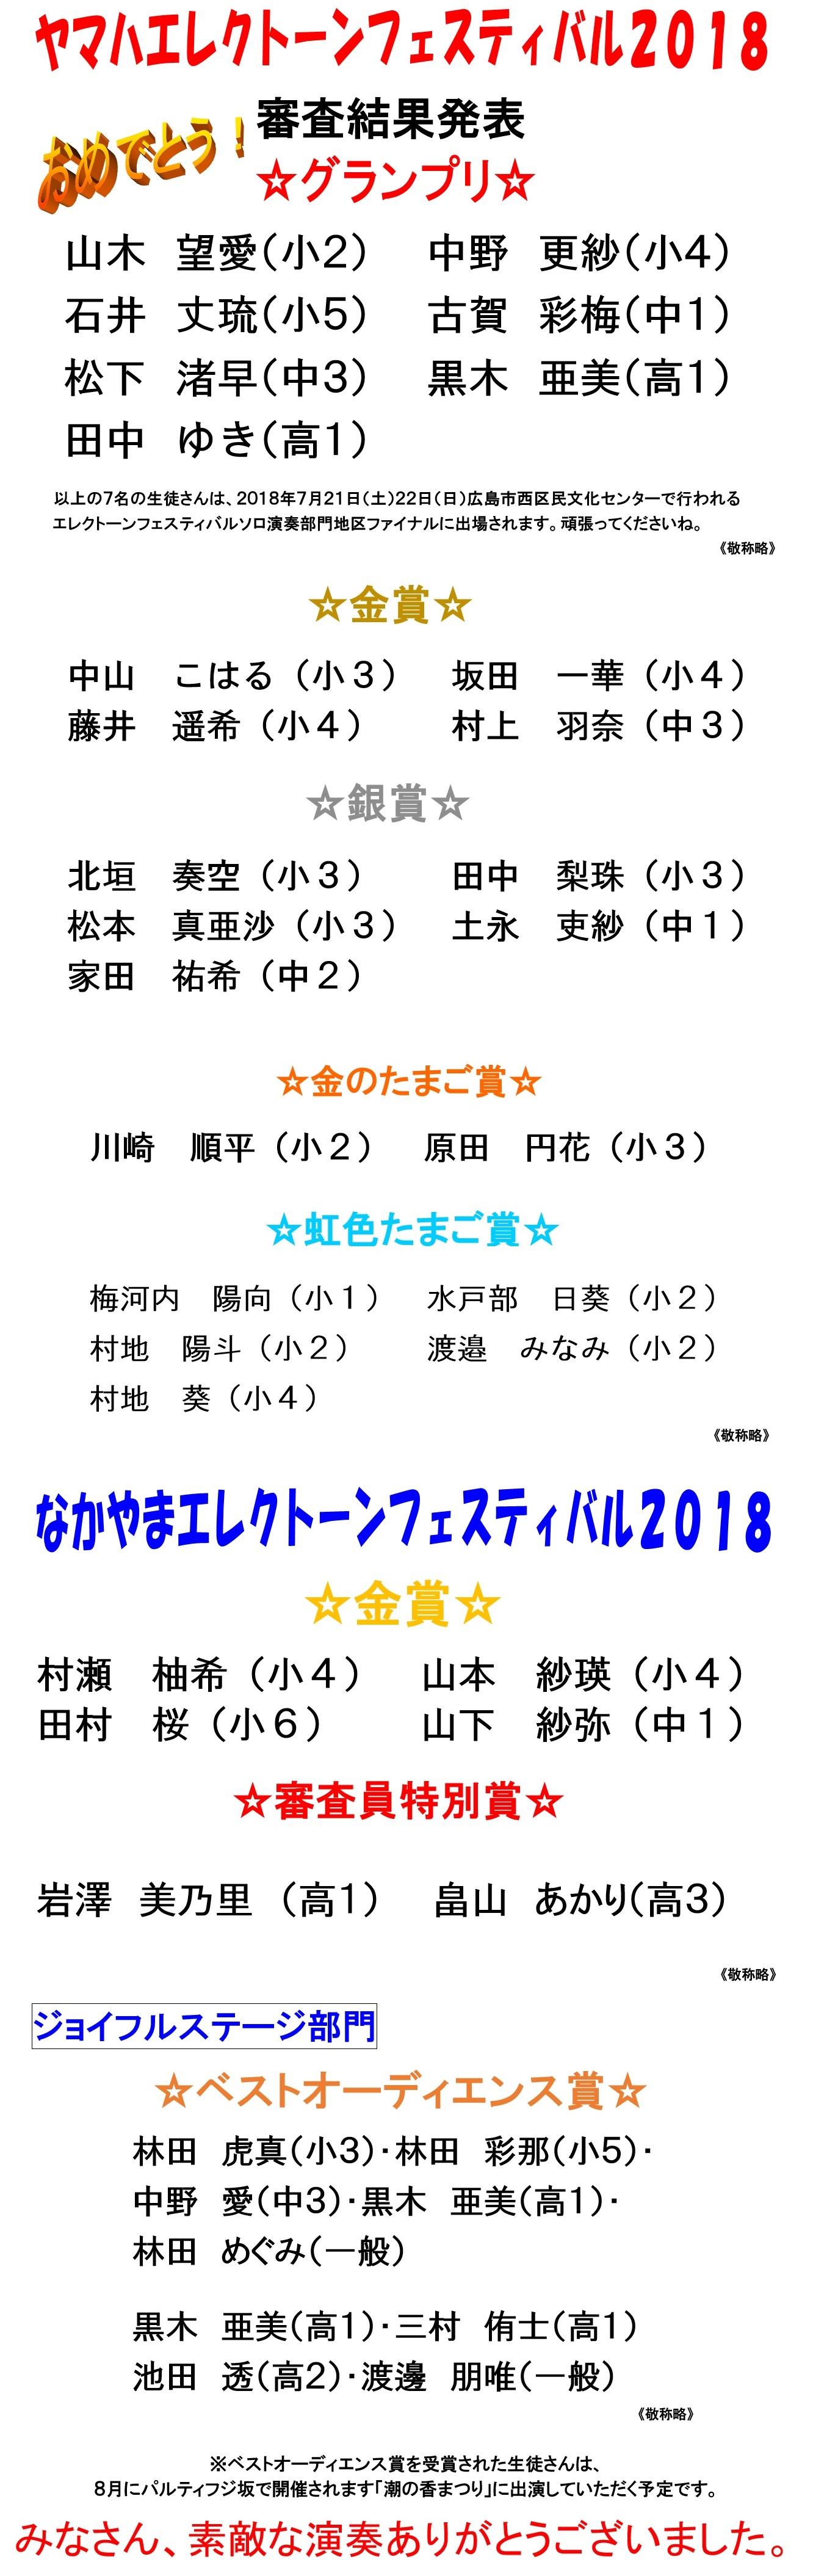 20180625ef_nakayama